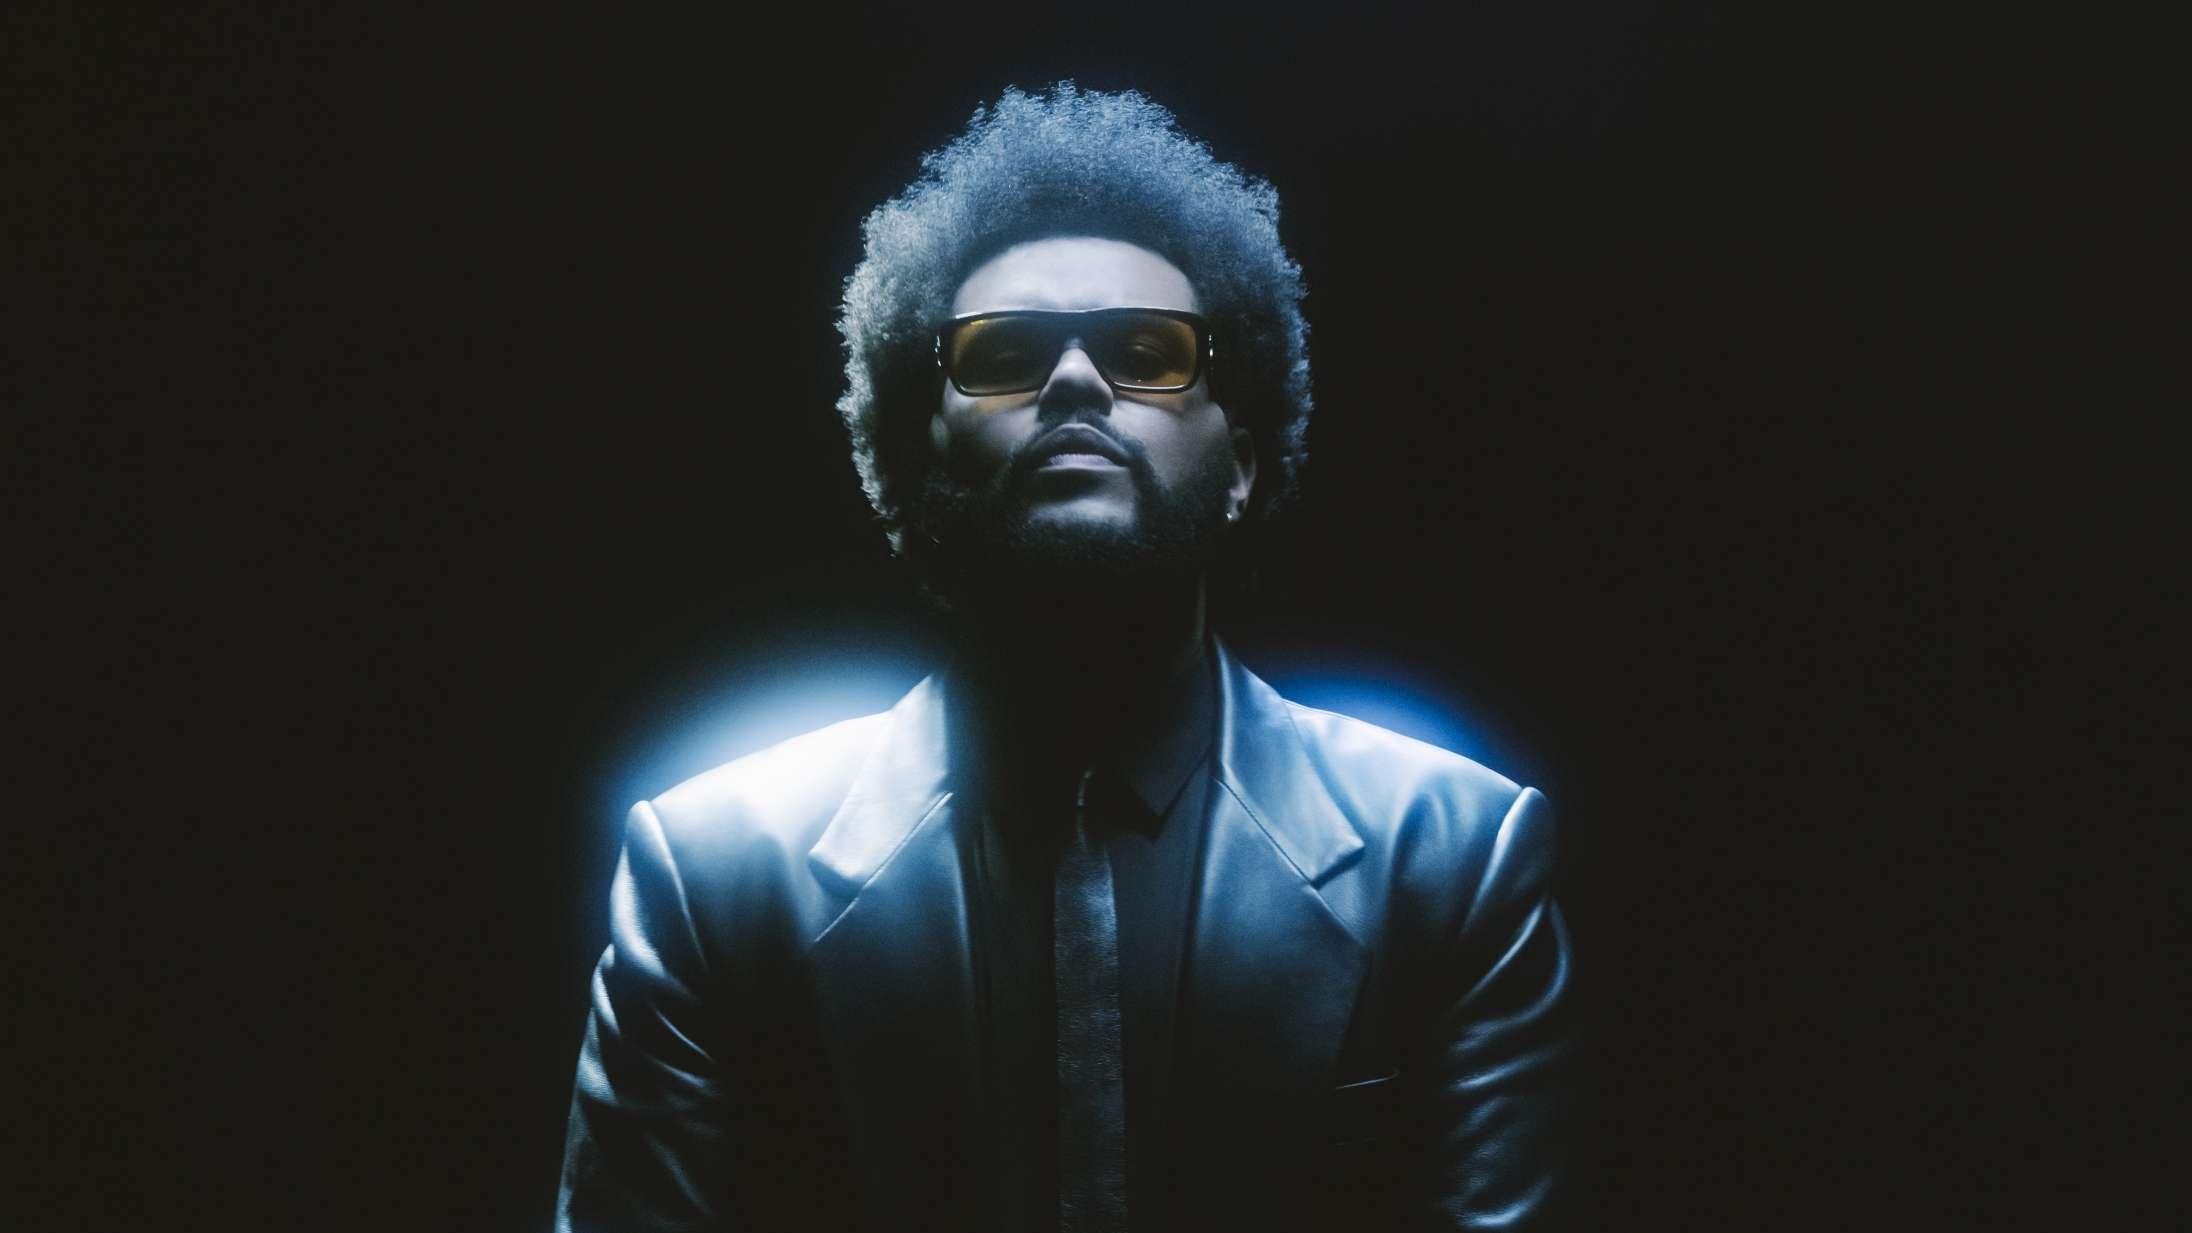 Velkommen til den nye The Weeknd-æra – samme som den gamle The Weeknd-æra